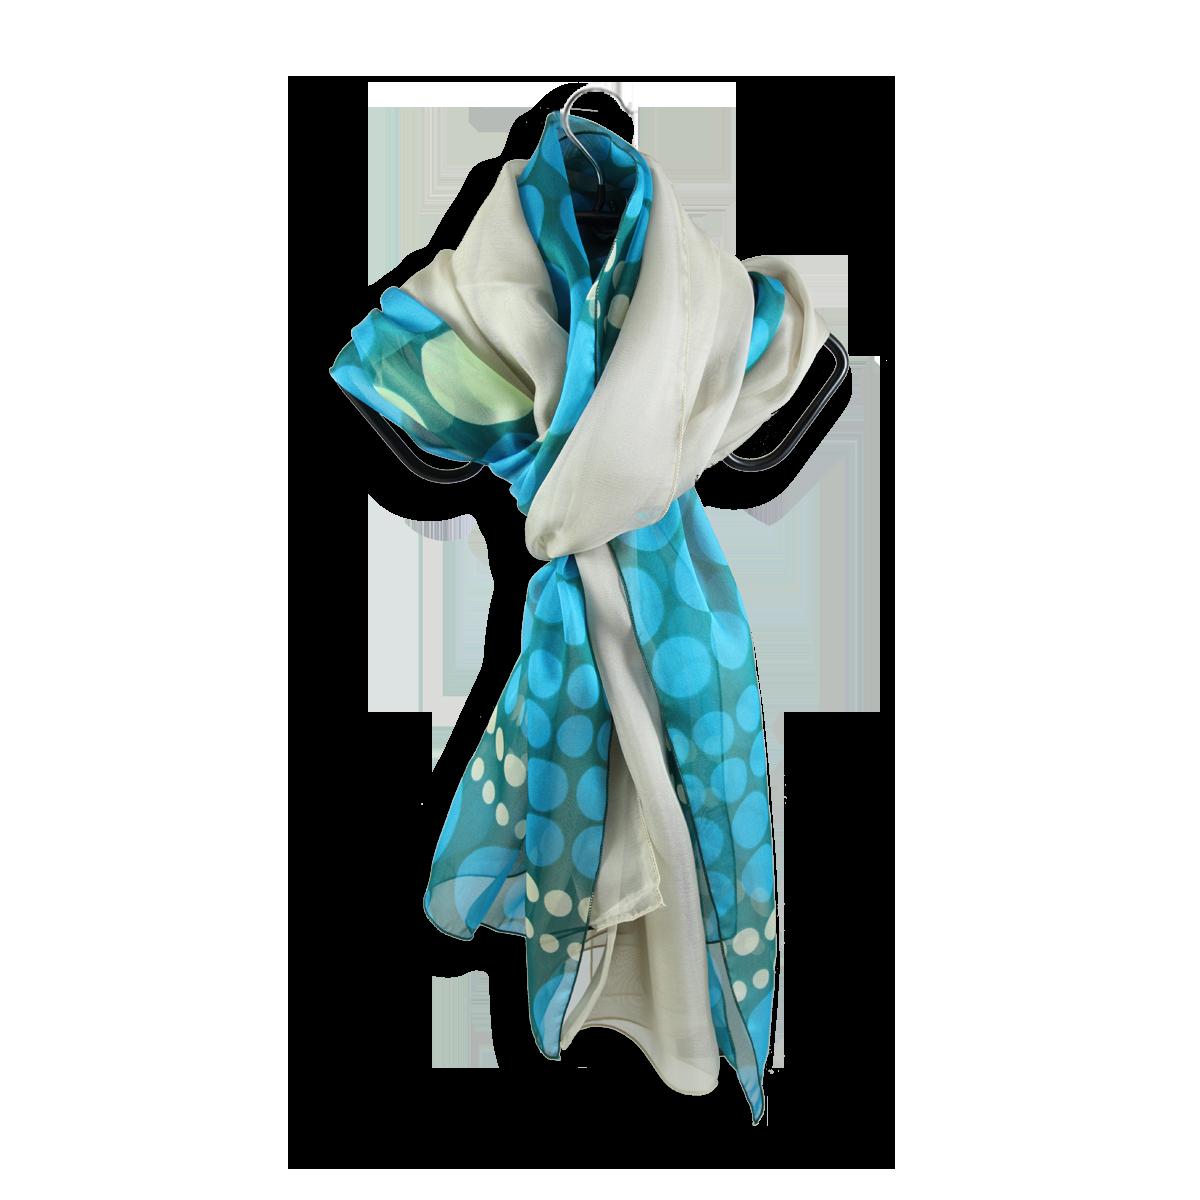 7dbf0c8e64e7 foulard soie imprime pois vert turquoise uni beige fabrique en france ...